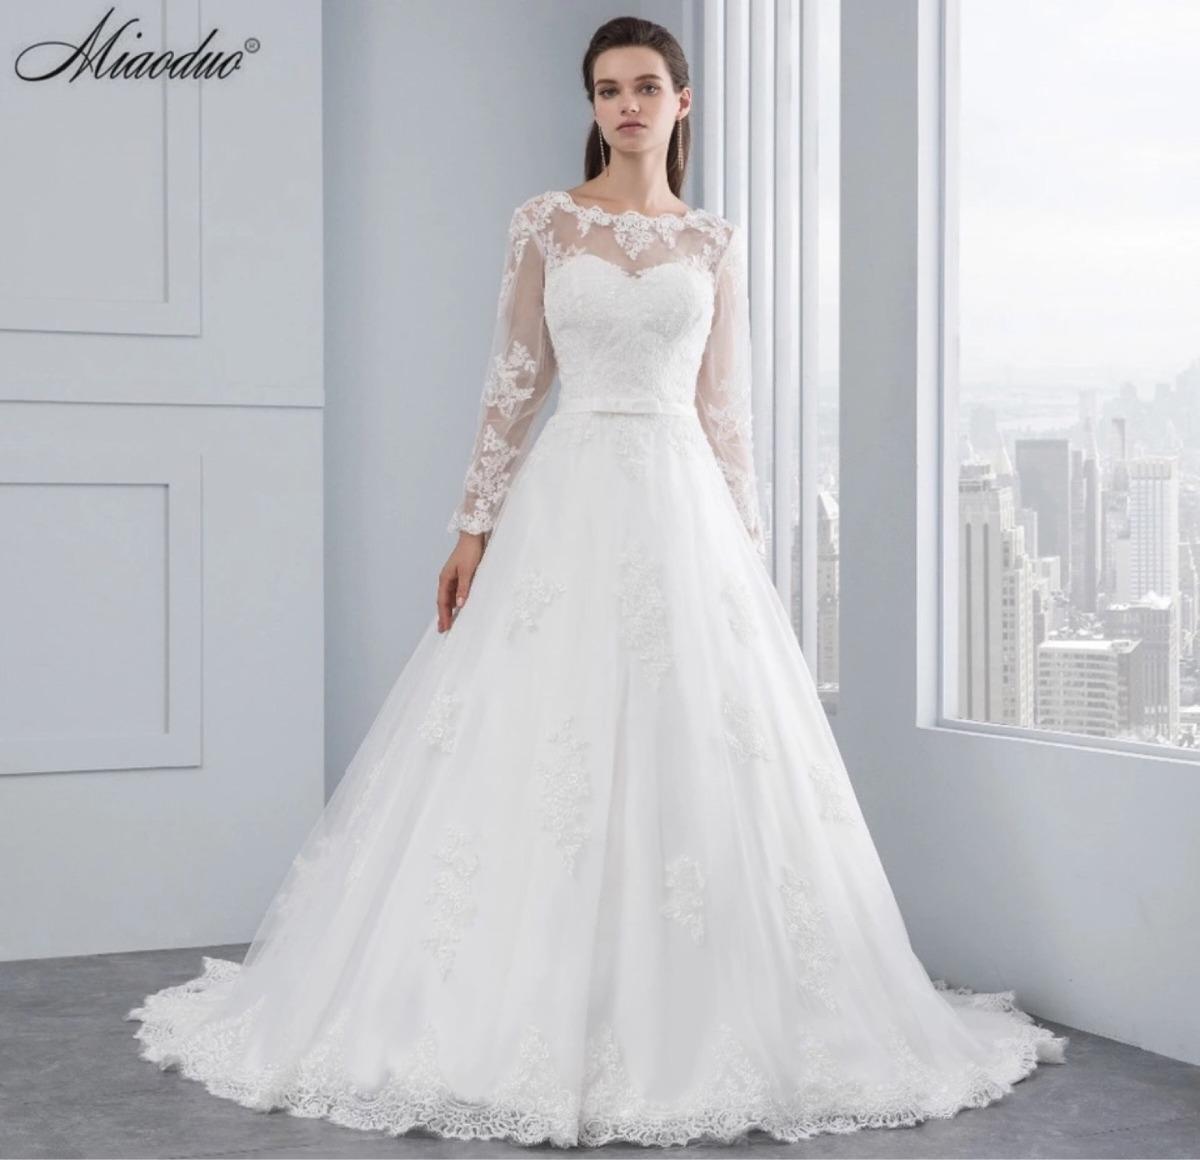 Vestidos de novia con manga larga mercadolibre